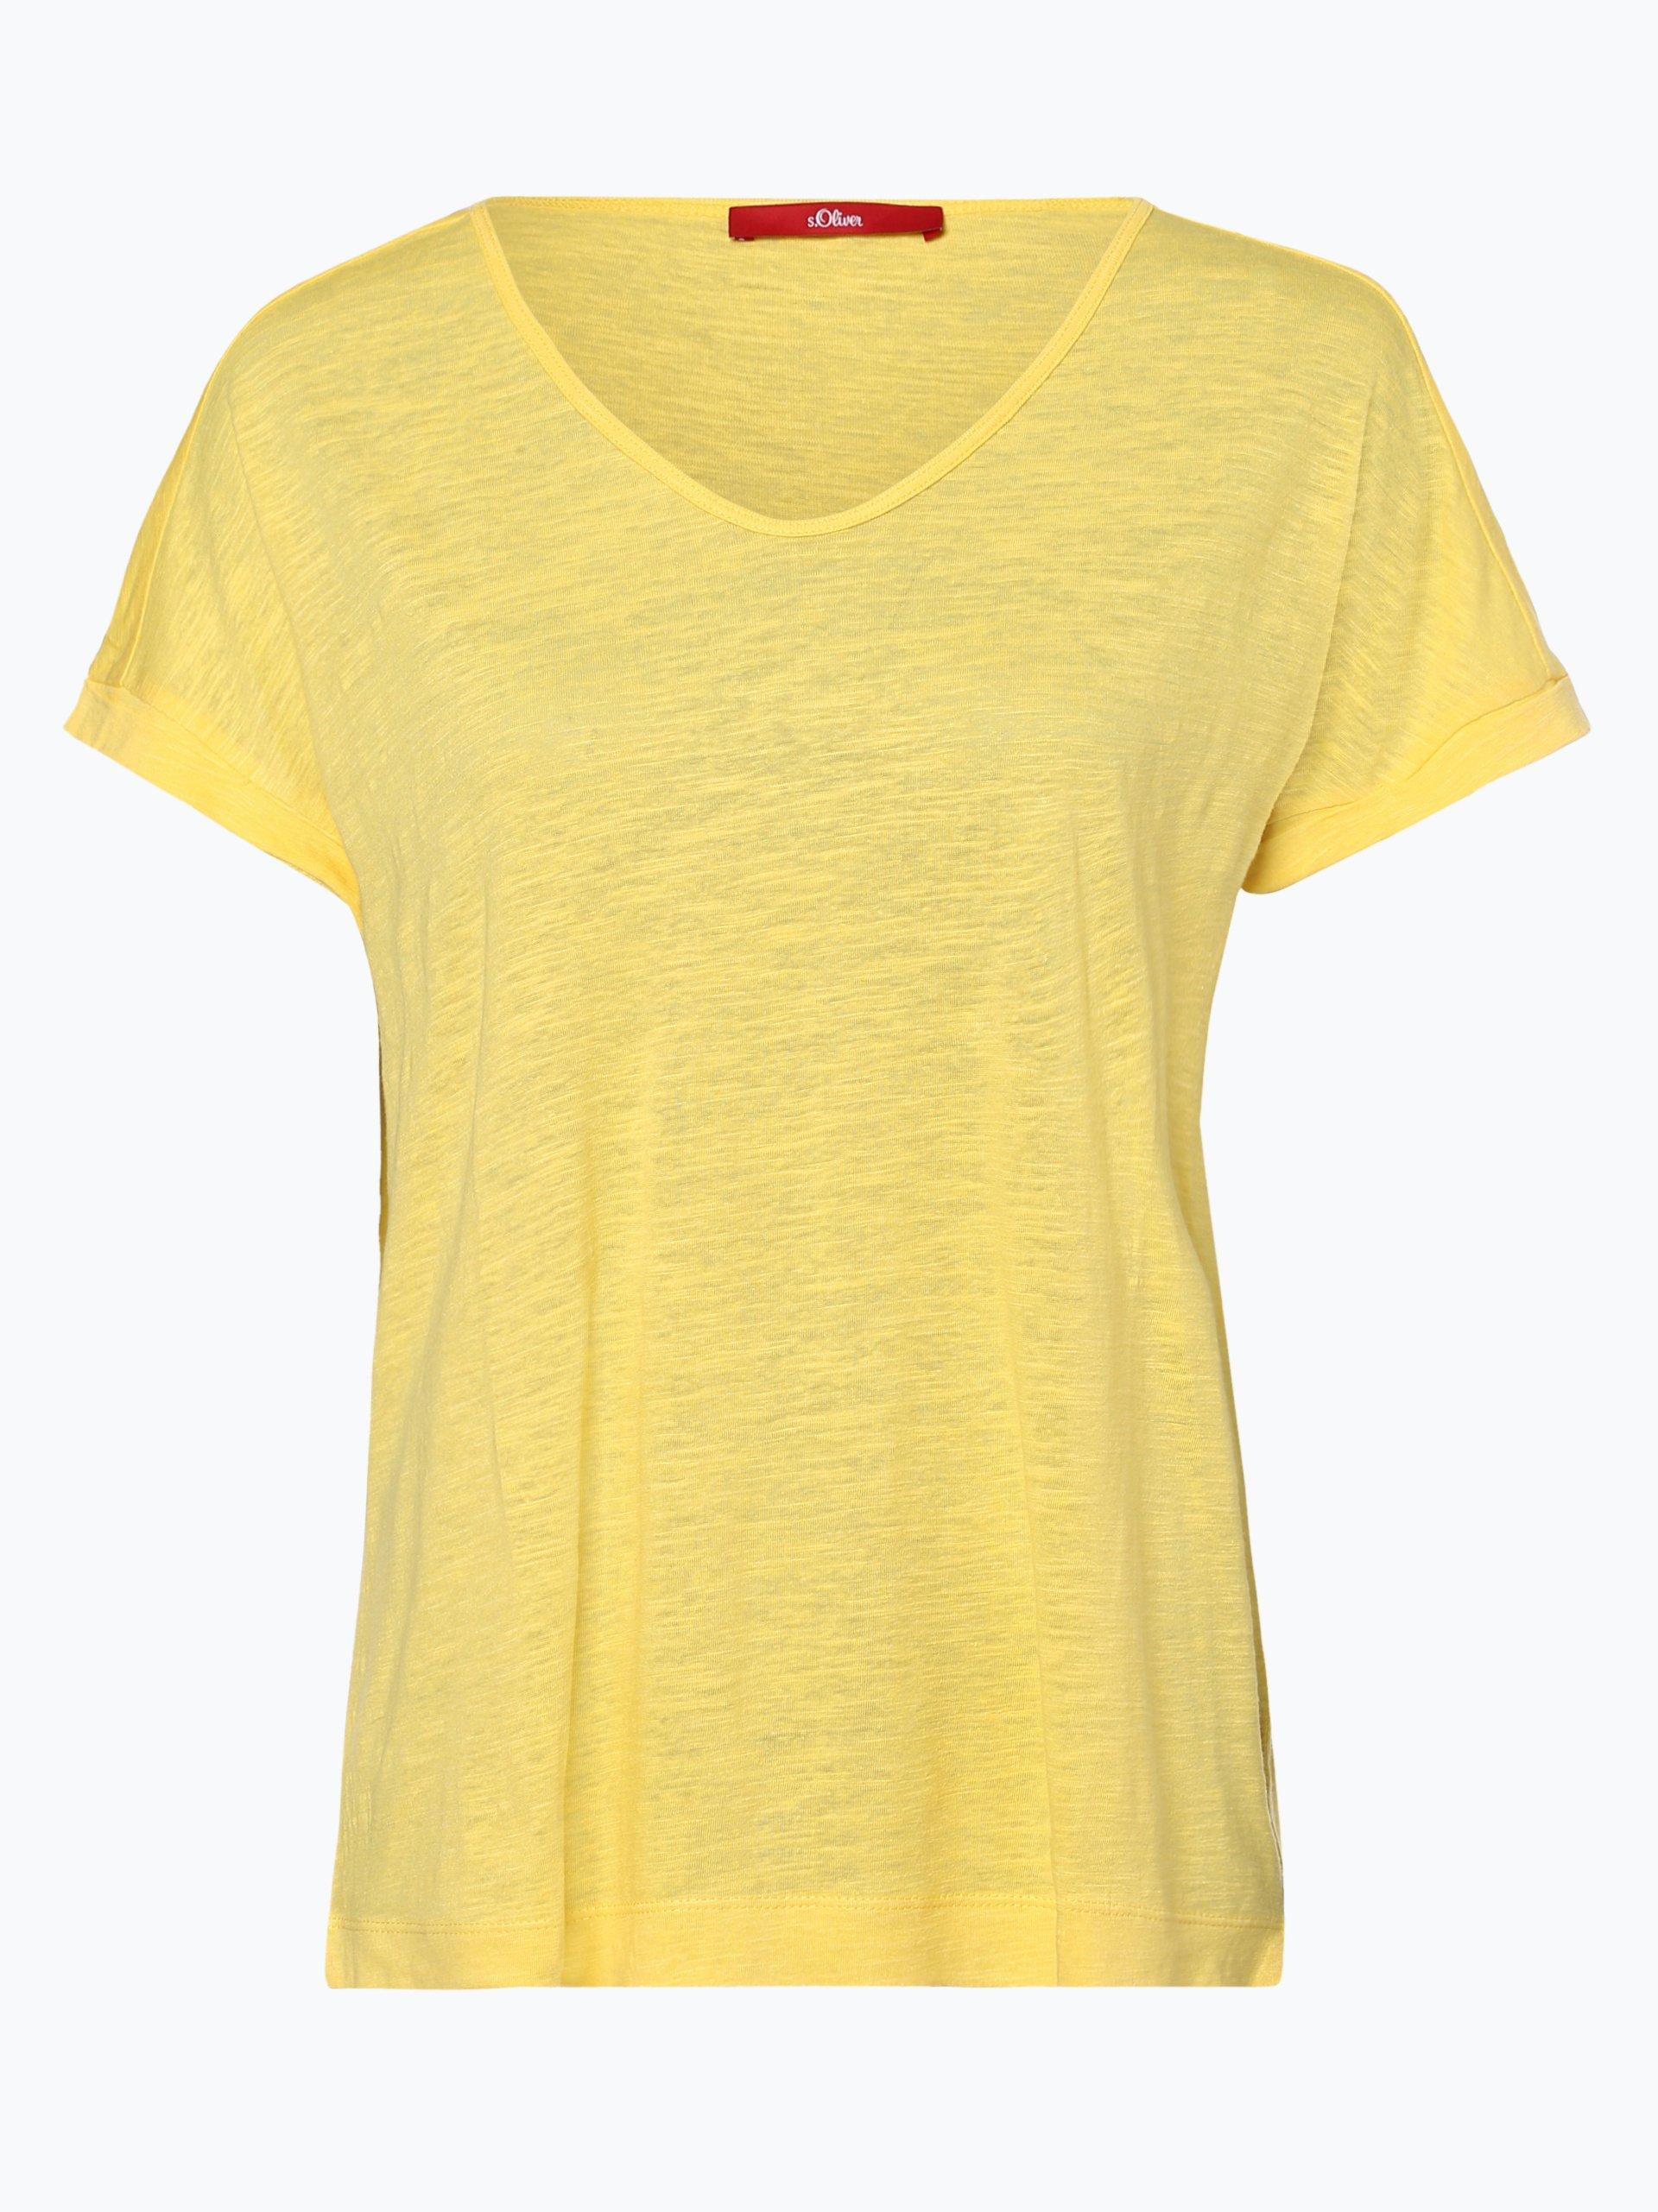 s.Oliver Damen T-Shirt mit Leinen-Anteil